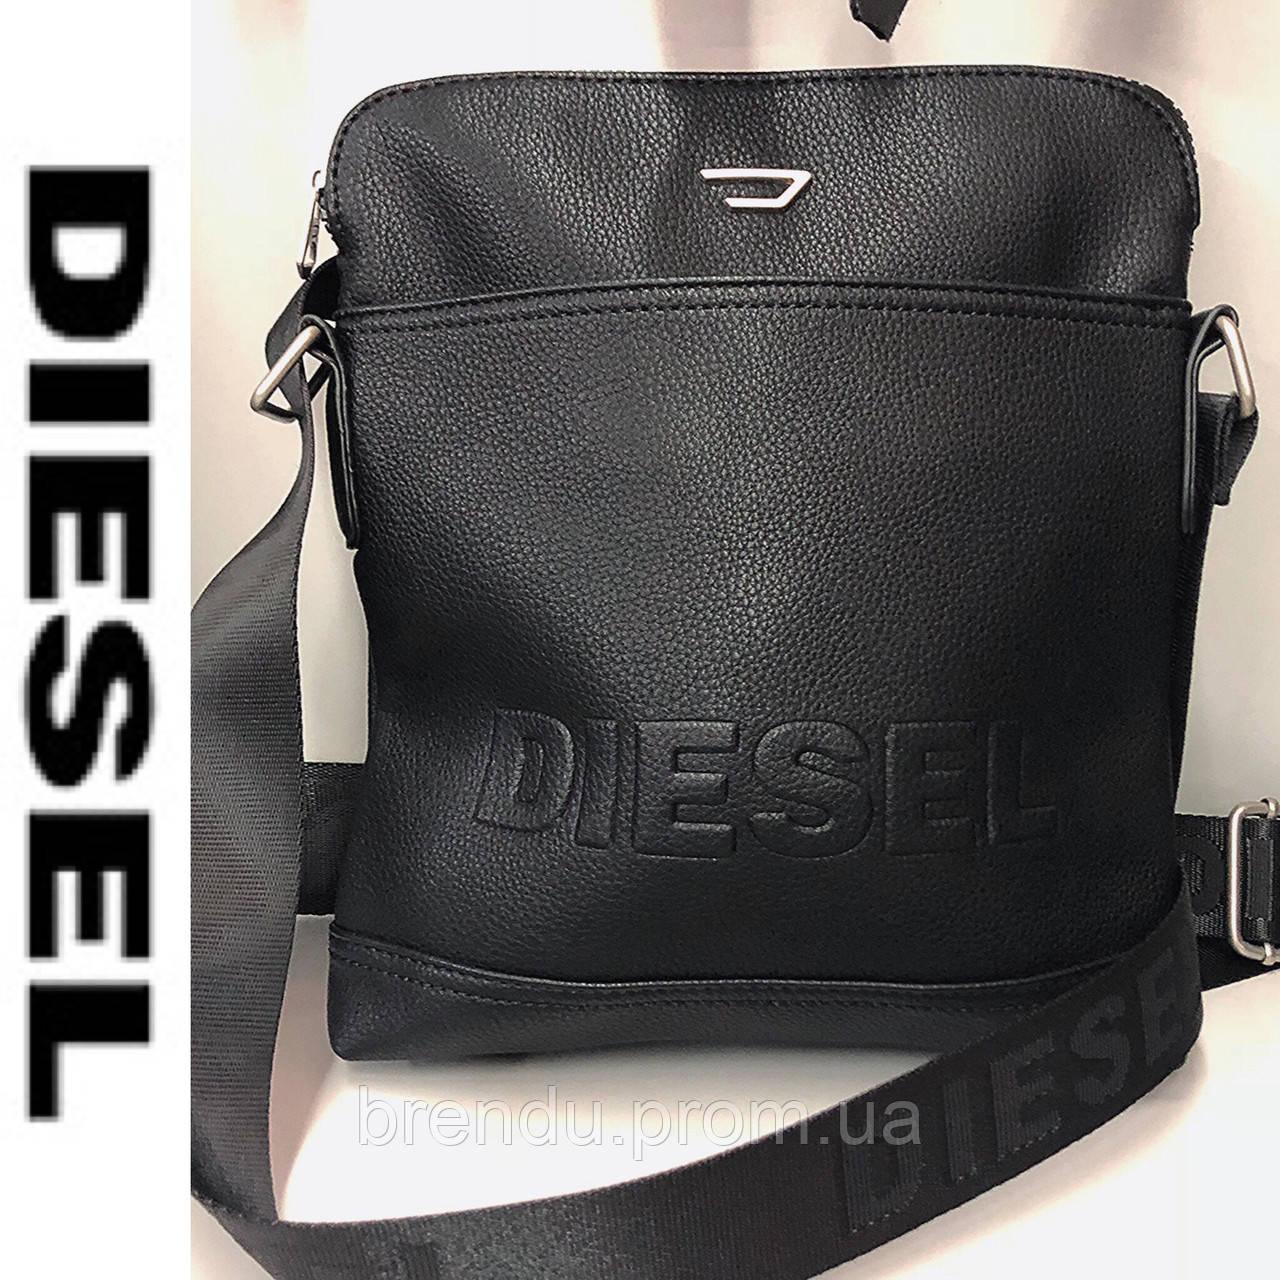 68f3d9bfe813 Сумка Diesel: продажа, цена в Киеве. мужские сумки и барсетки от